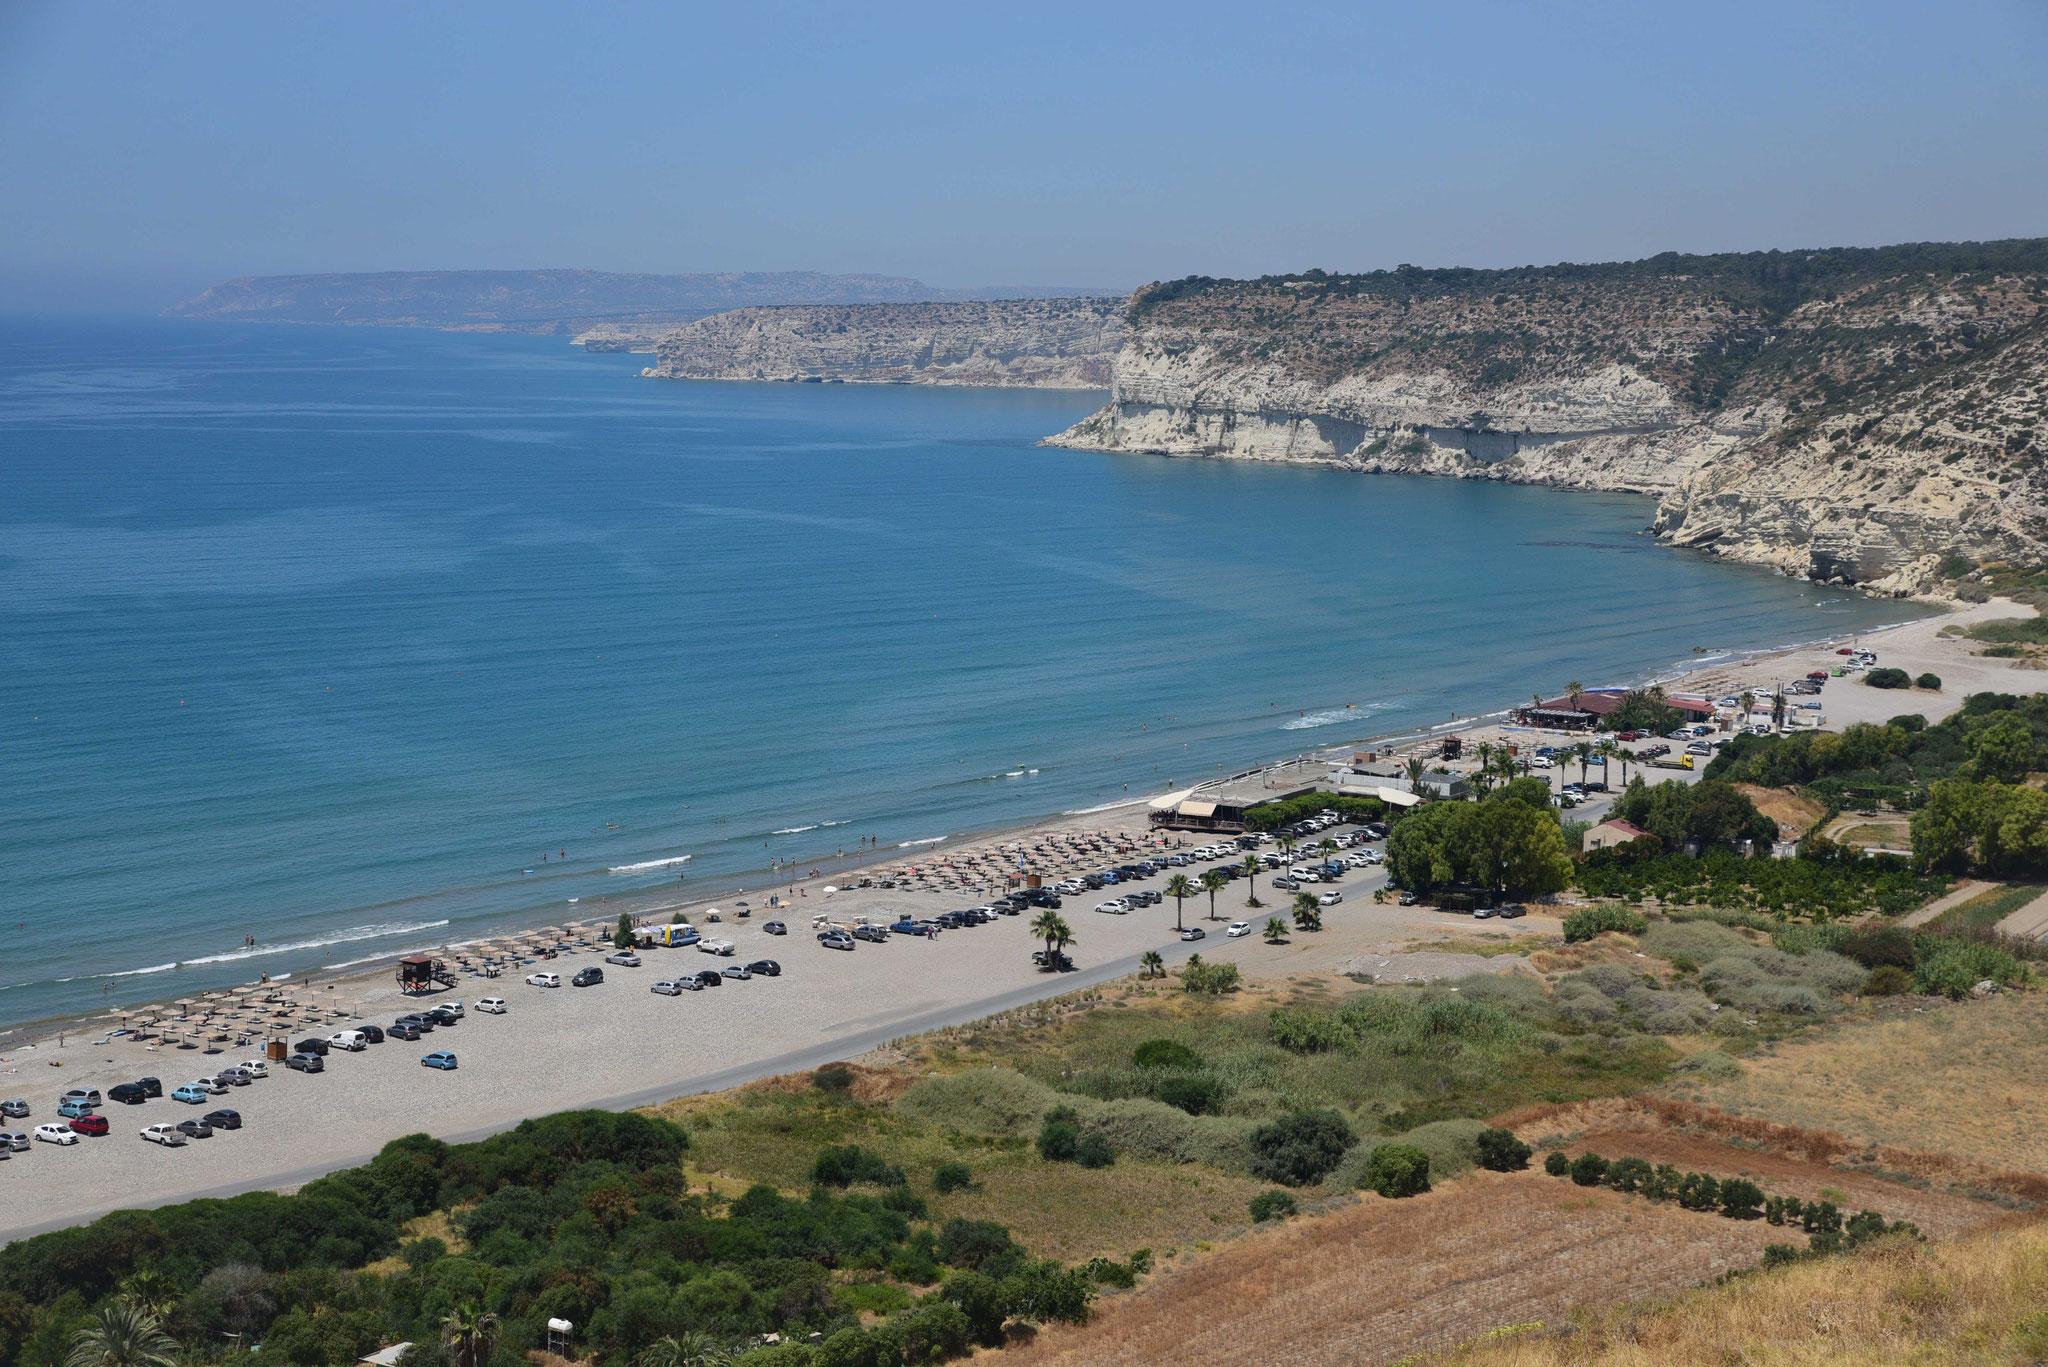 Von der Ausgrabungsstätte Koúrion: Blick über den Küstenabschnitt